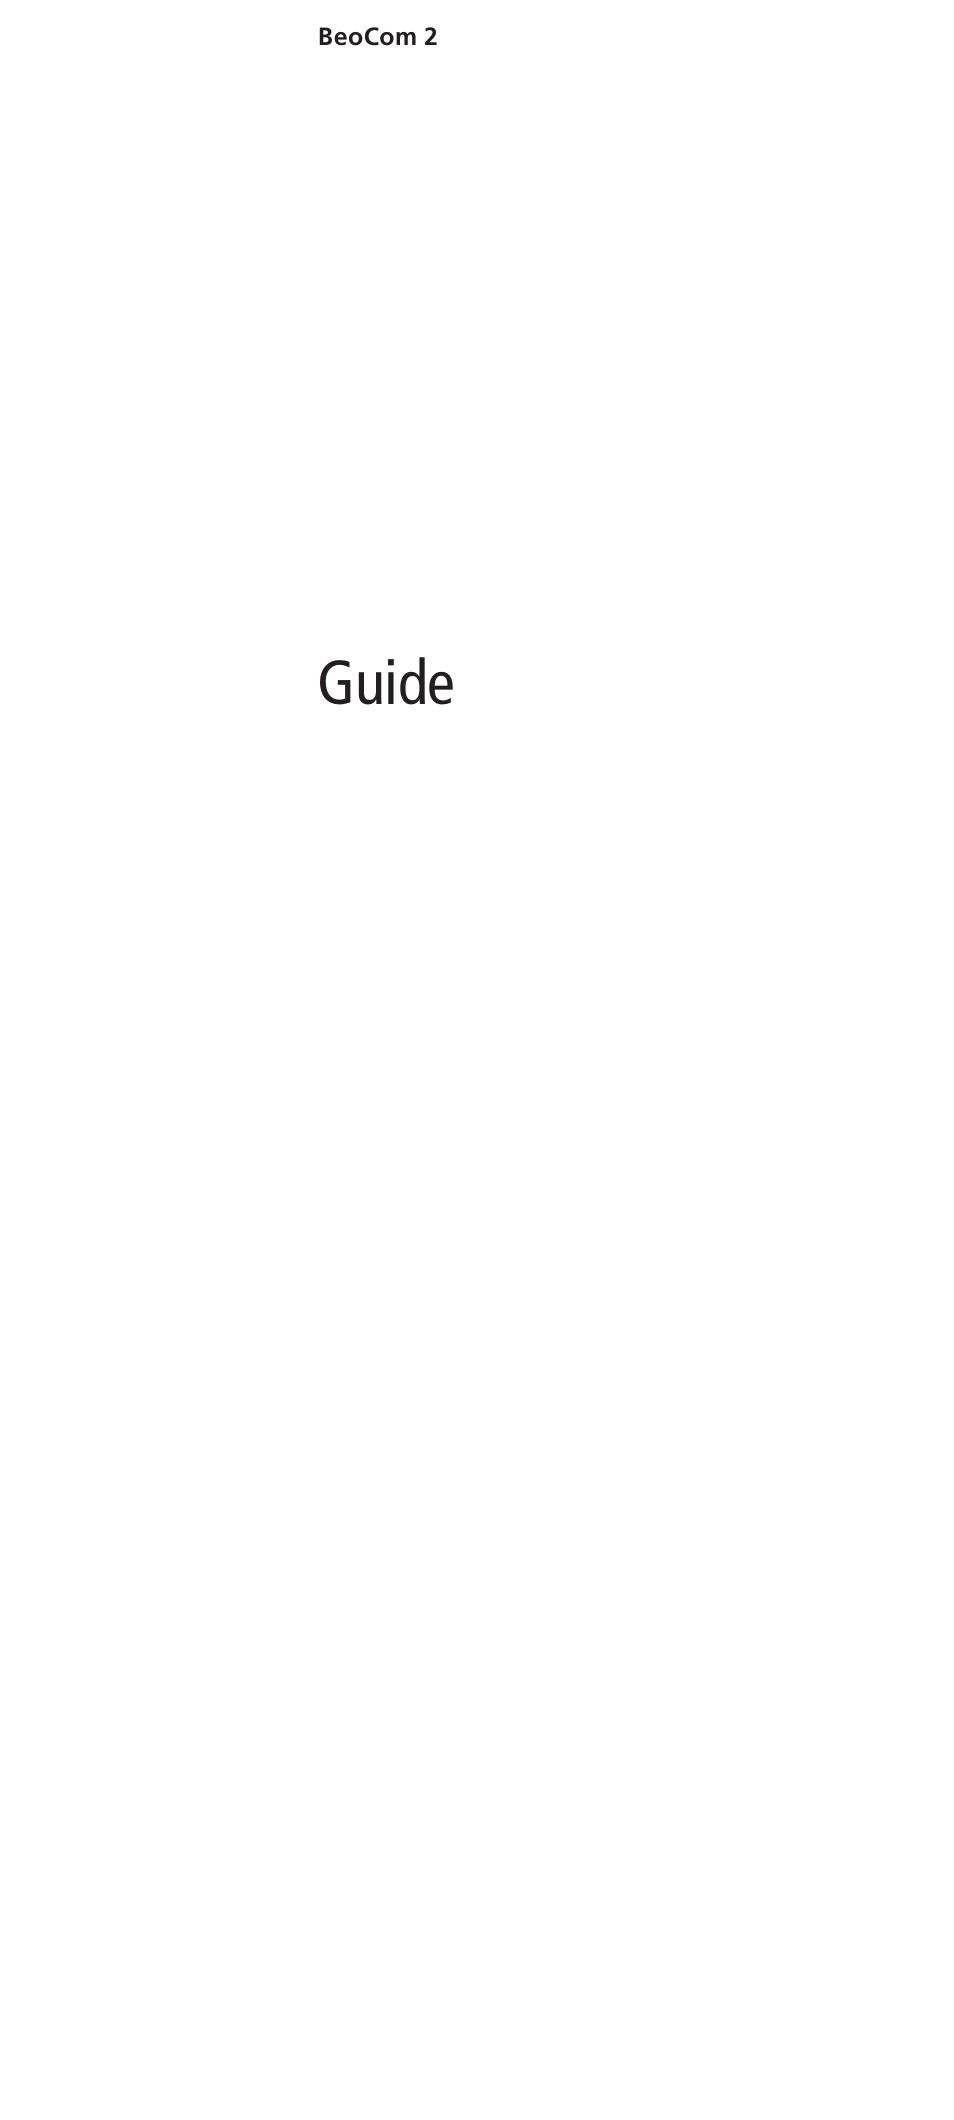 bang olufsen beocom 2 user guide user manual 40 pages rh manualsdir com Bang & Olufsen BeoLab 4000 Bang Olufsen H6